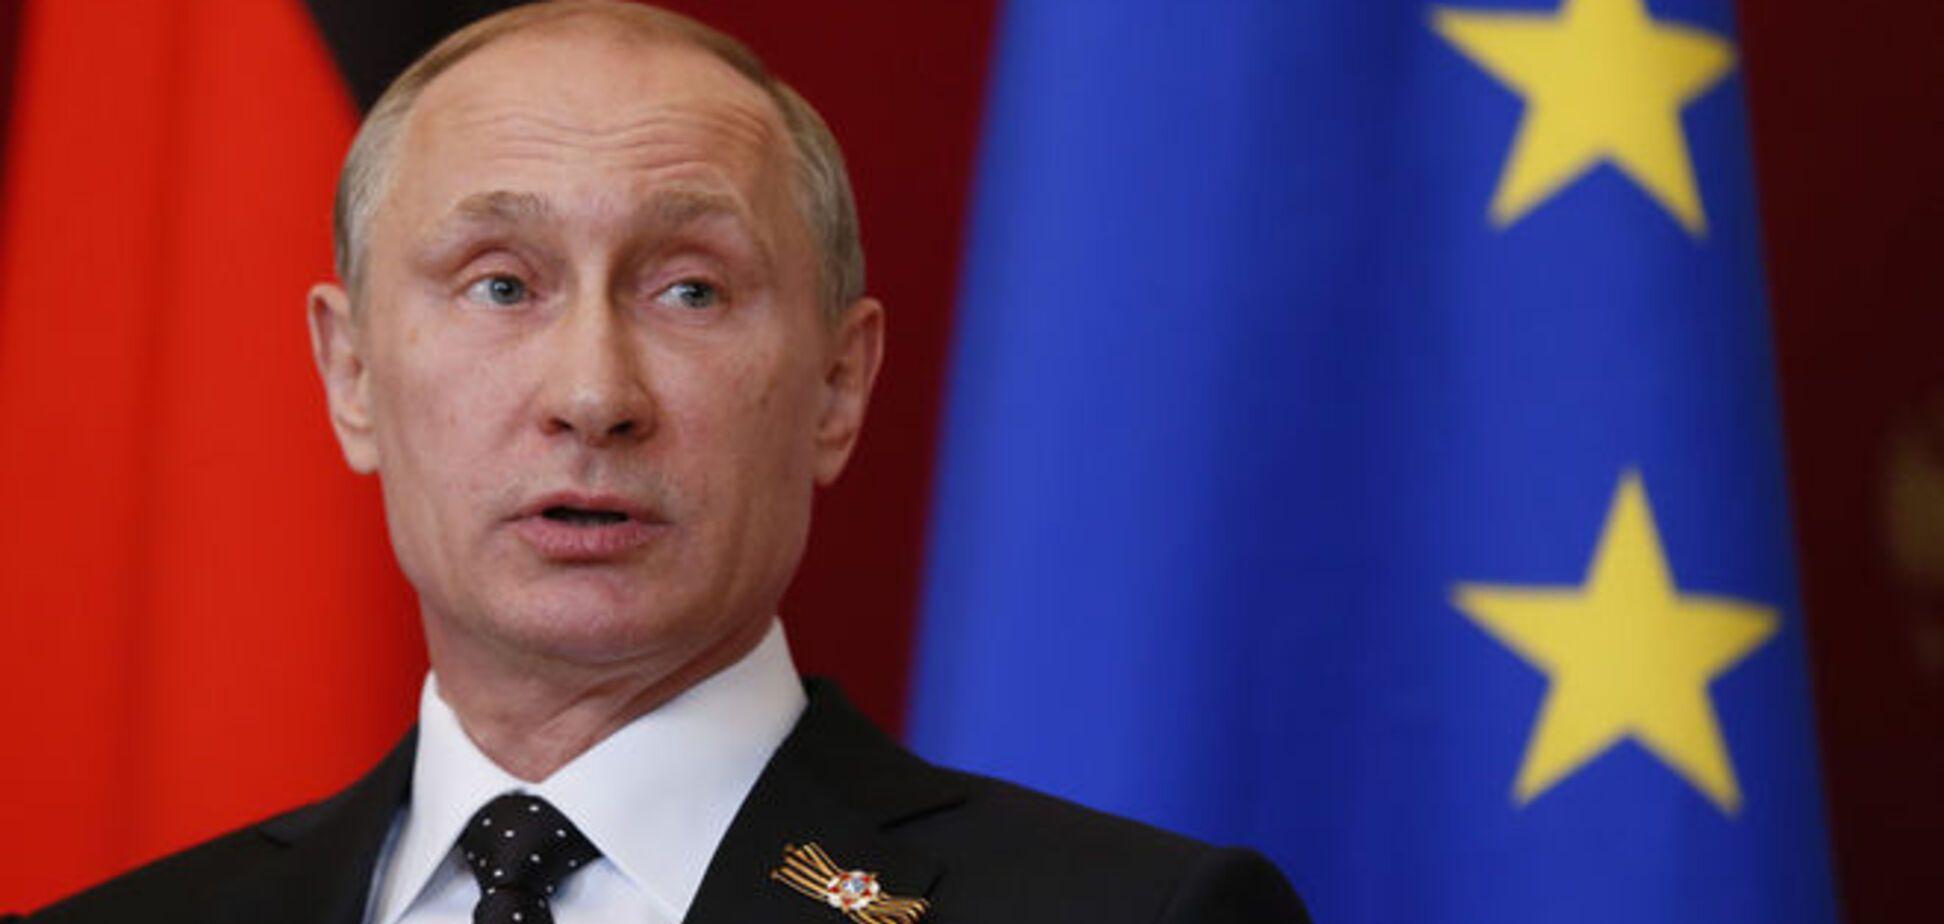 Путіну запропонували обміняти його полонених диверсантів на Савченко